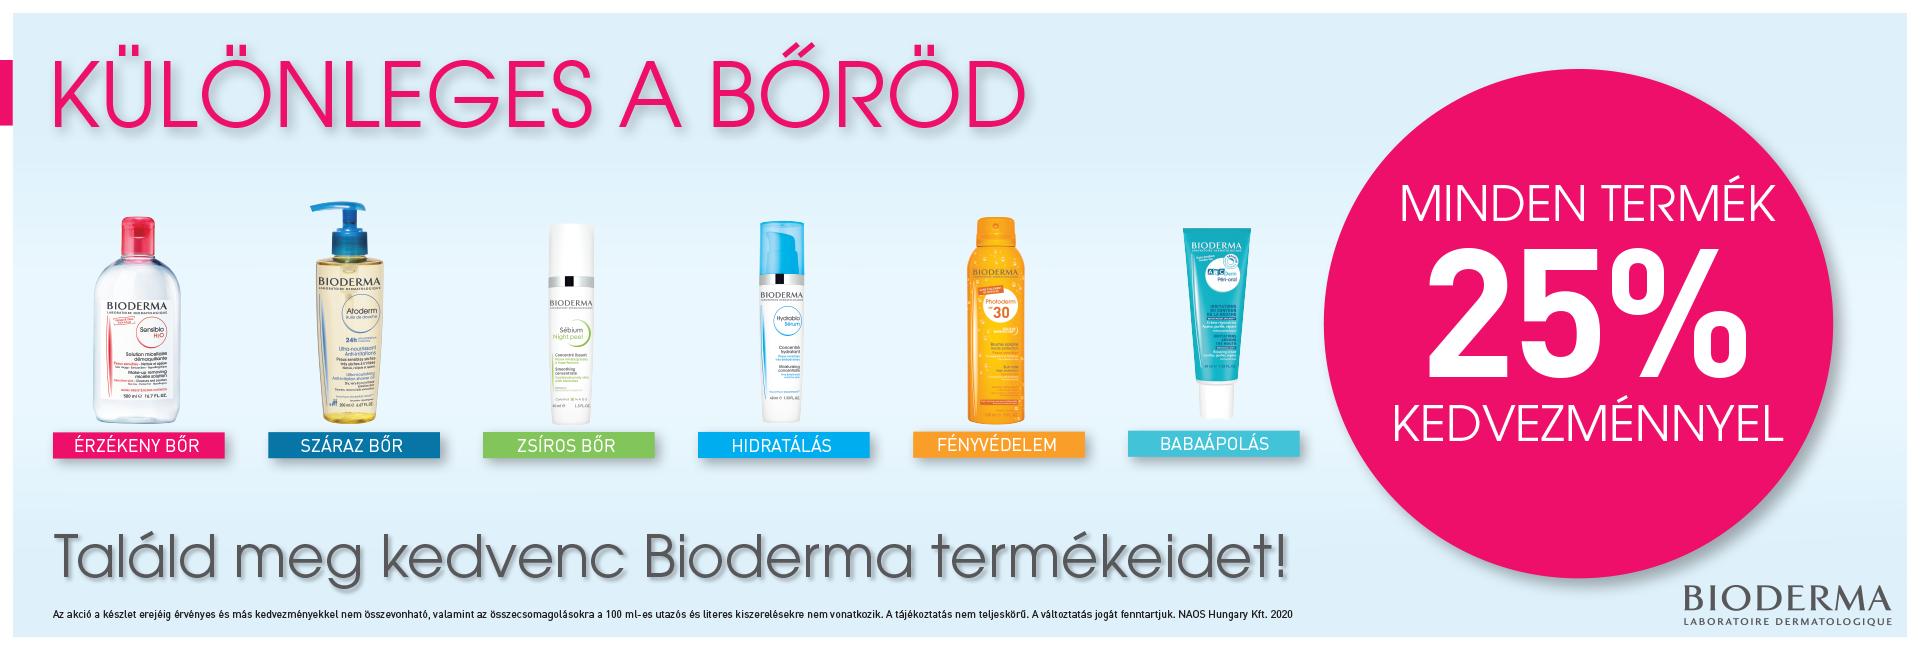 2020. június 20-29. között 25% kedvezményt adunk minden Bioderma termék árából!